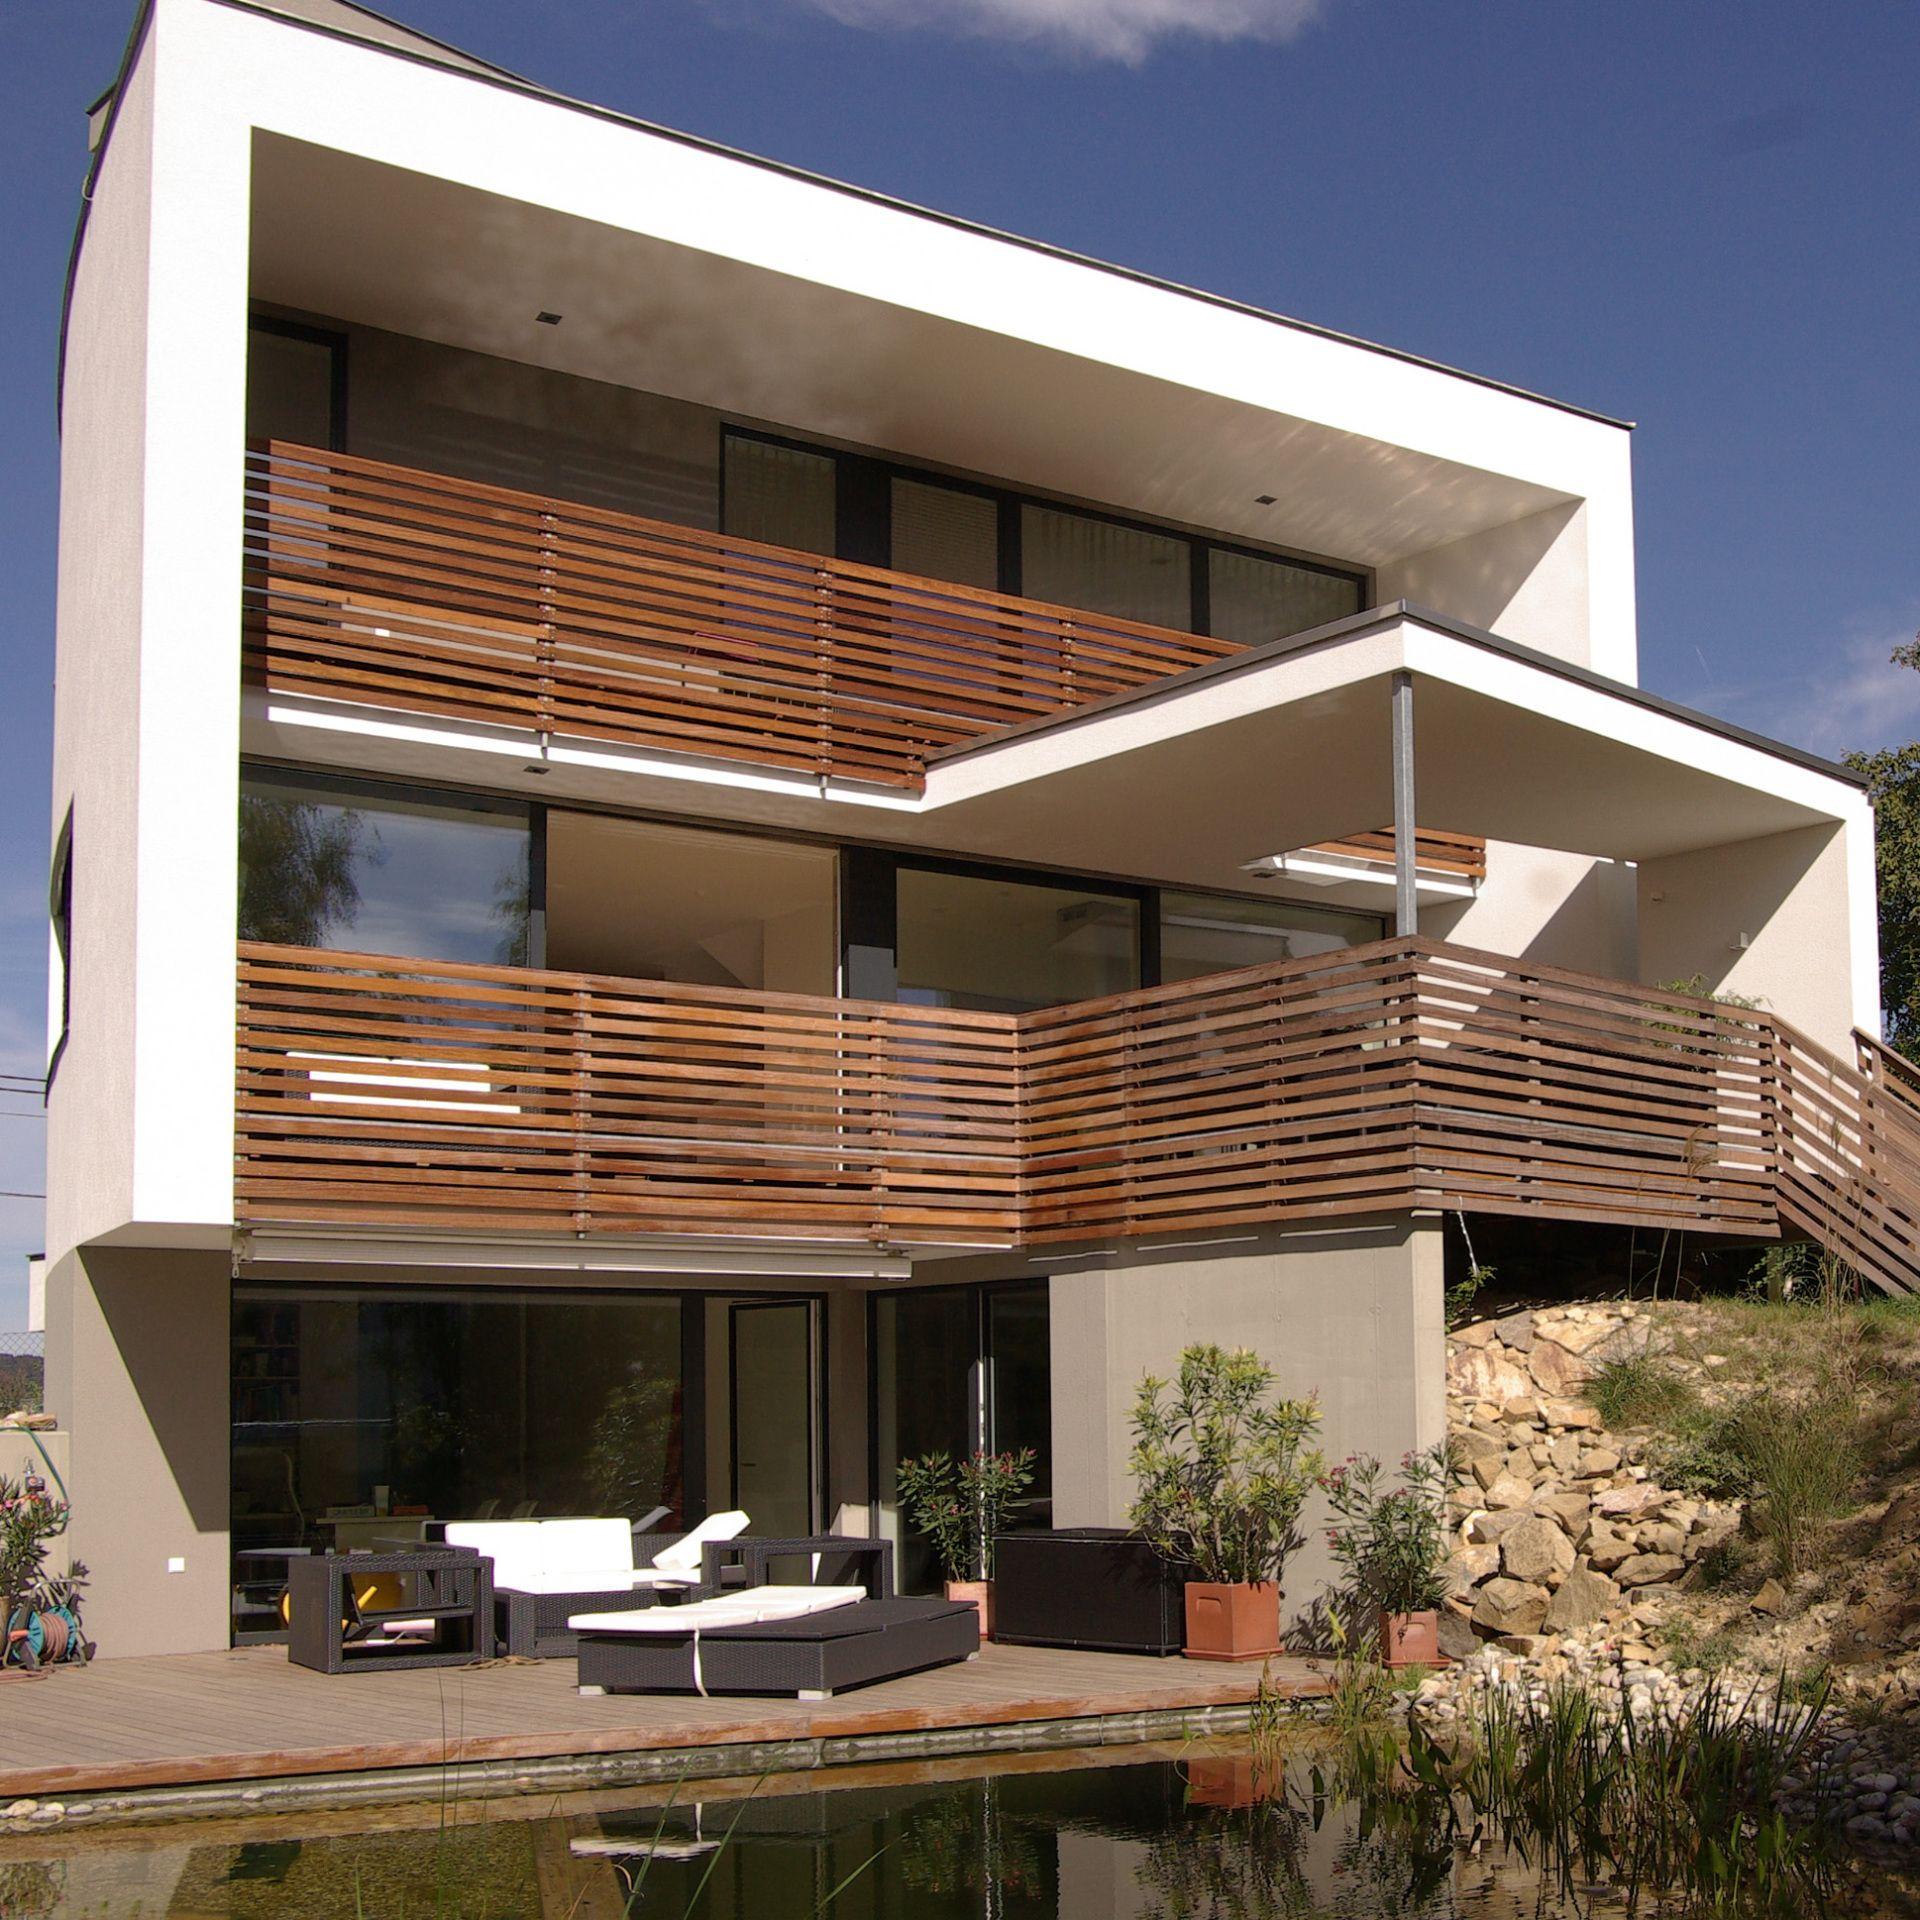 Haus in wien architektur entwurf planung baumanagement örtliche bauaufsicht architekt